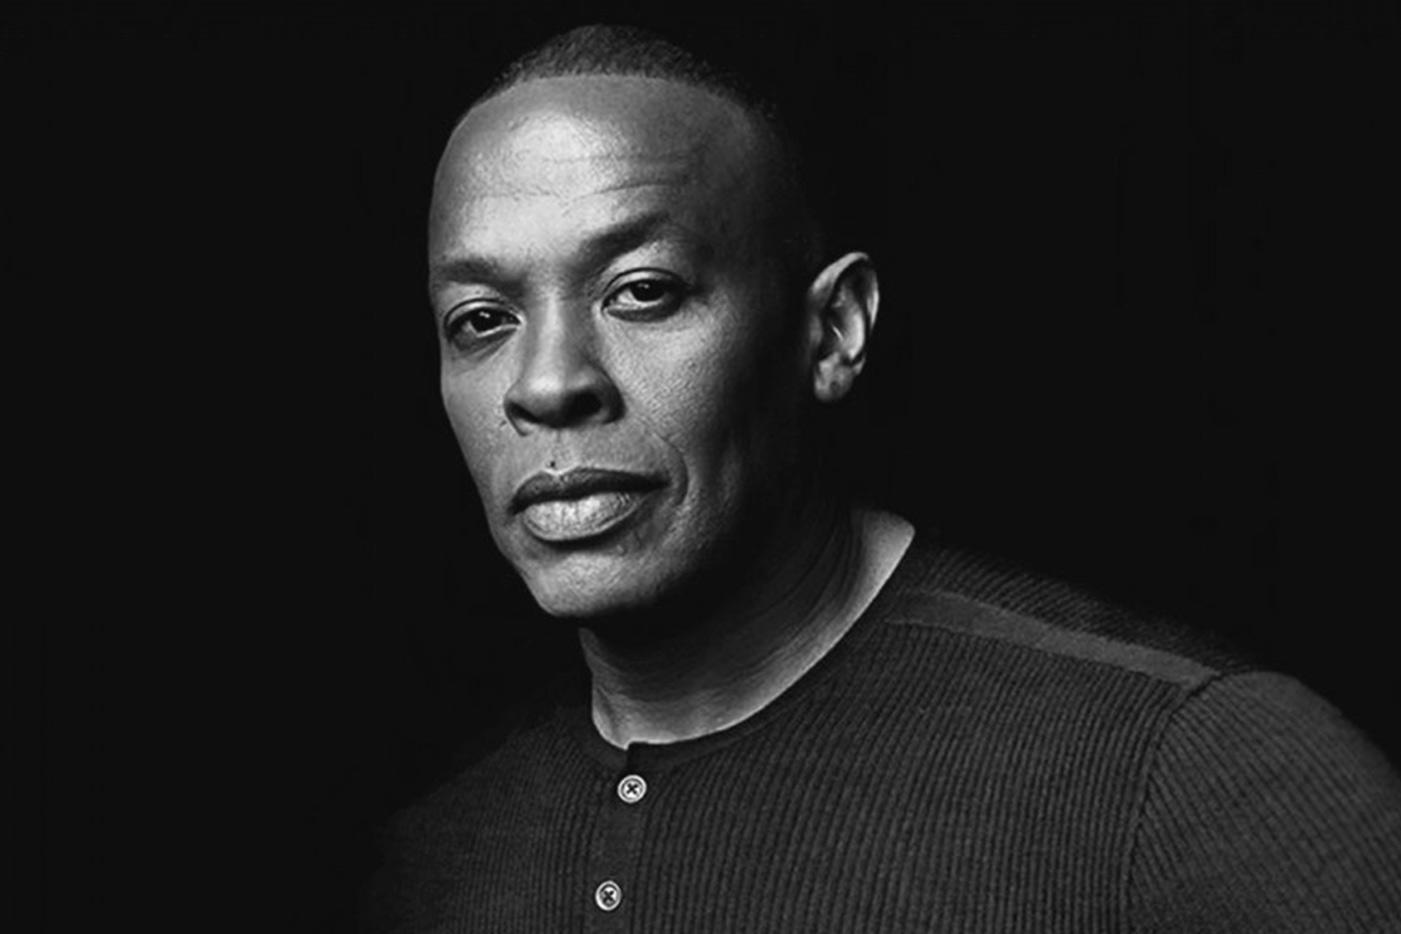 El oscuro pasado Dr. Dre, al descubierto